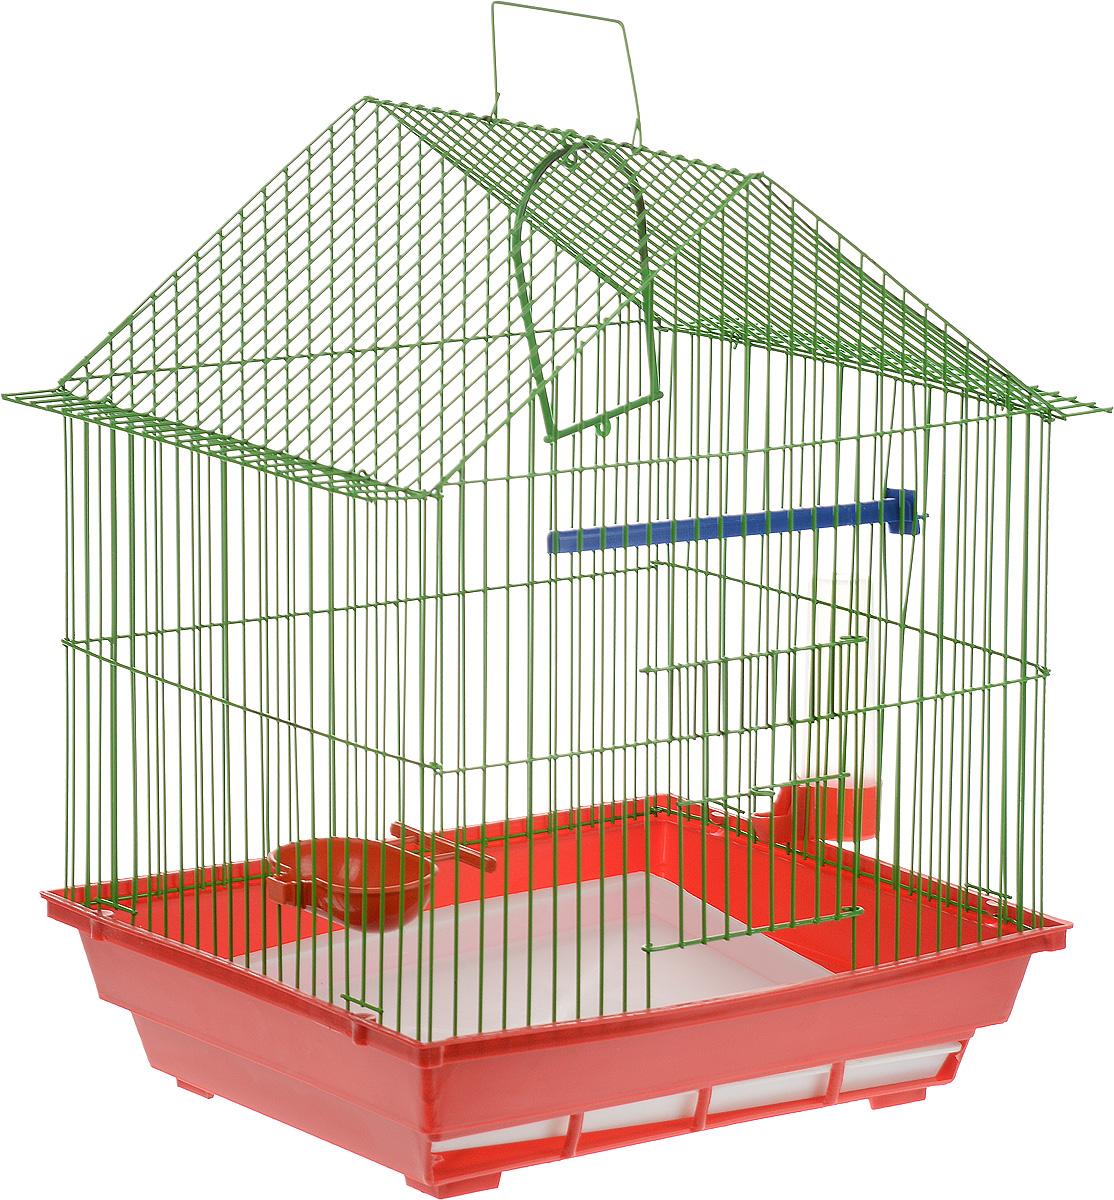 Клетка для птиц ЗооМарк, цвет: красный поддон, зеленая решетка, 39 х 28 х 42 см410_красный/зеленыйКлетка ЗооМарк, выполненная из полипропилена и металла с эмалированным покрытием, предназначена для мелких птиц. Изделие состоит из большого поддона и решетки. Клетка снабжена металлической дверцей. В основании клетки находится малый поддон. Клетка удобна в использовании и легко чистится. Она оснащена кольцом для птицы, поилкой, кормушкой и подвижной ручкой для удобной переноски. Комплектация: - клетка с поддоном; - малый поддон; - поилка; - кормушка;- кольцо.Размер клетки: 39 см х 28 см х 42 см.